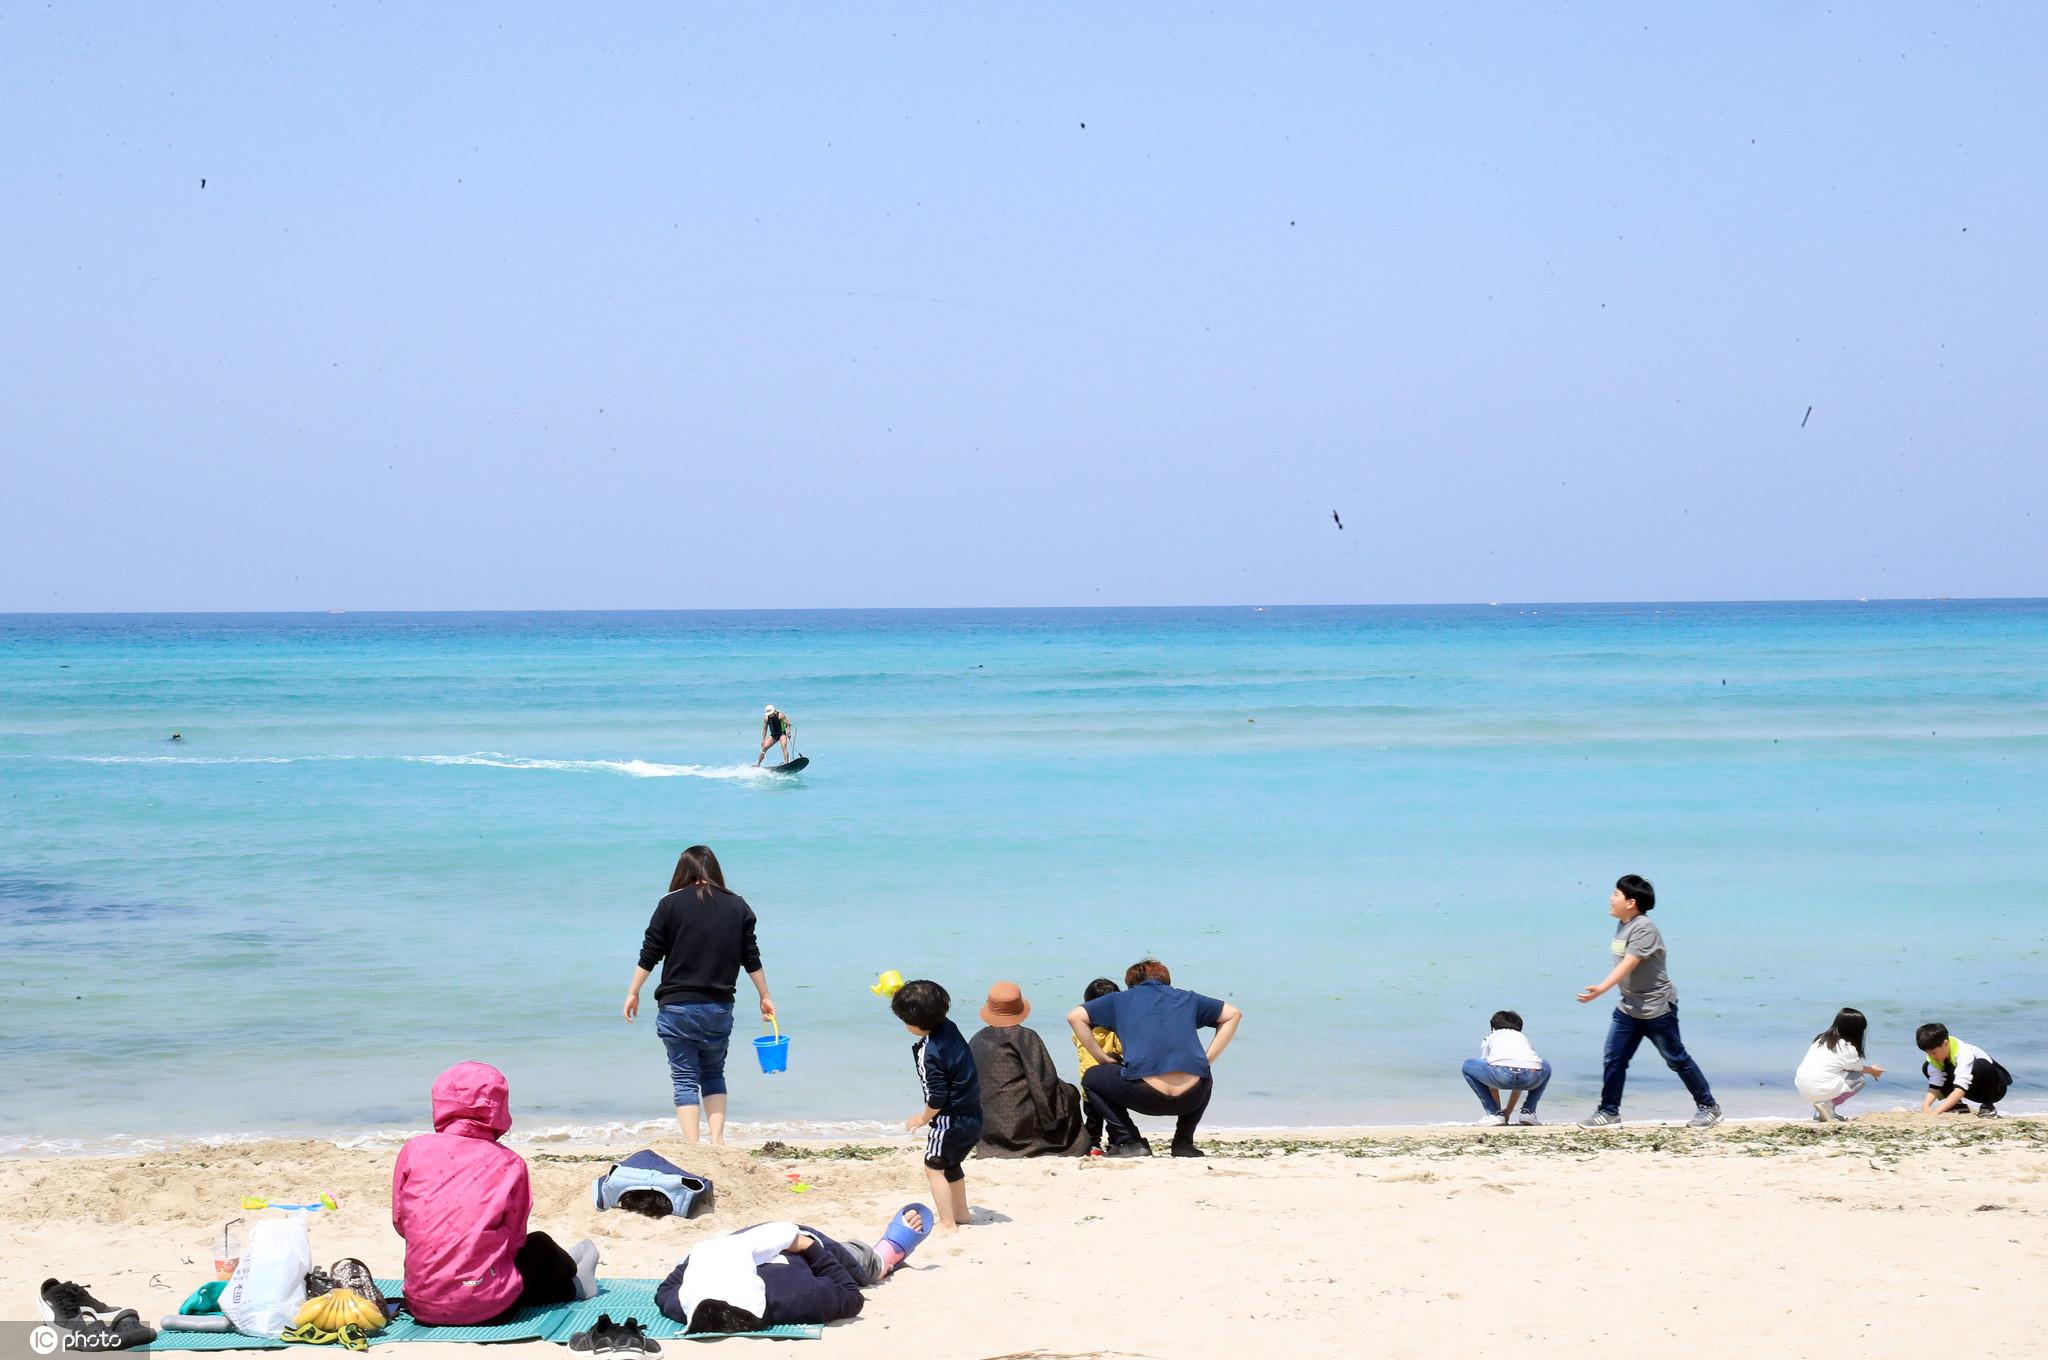 韩国济州岛天气转暖?游人在海水浴场冲浪